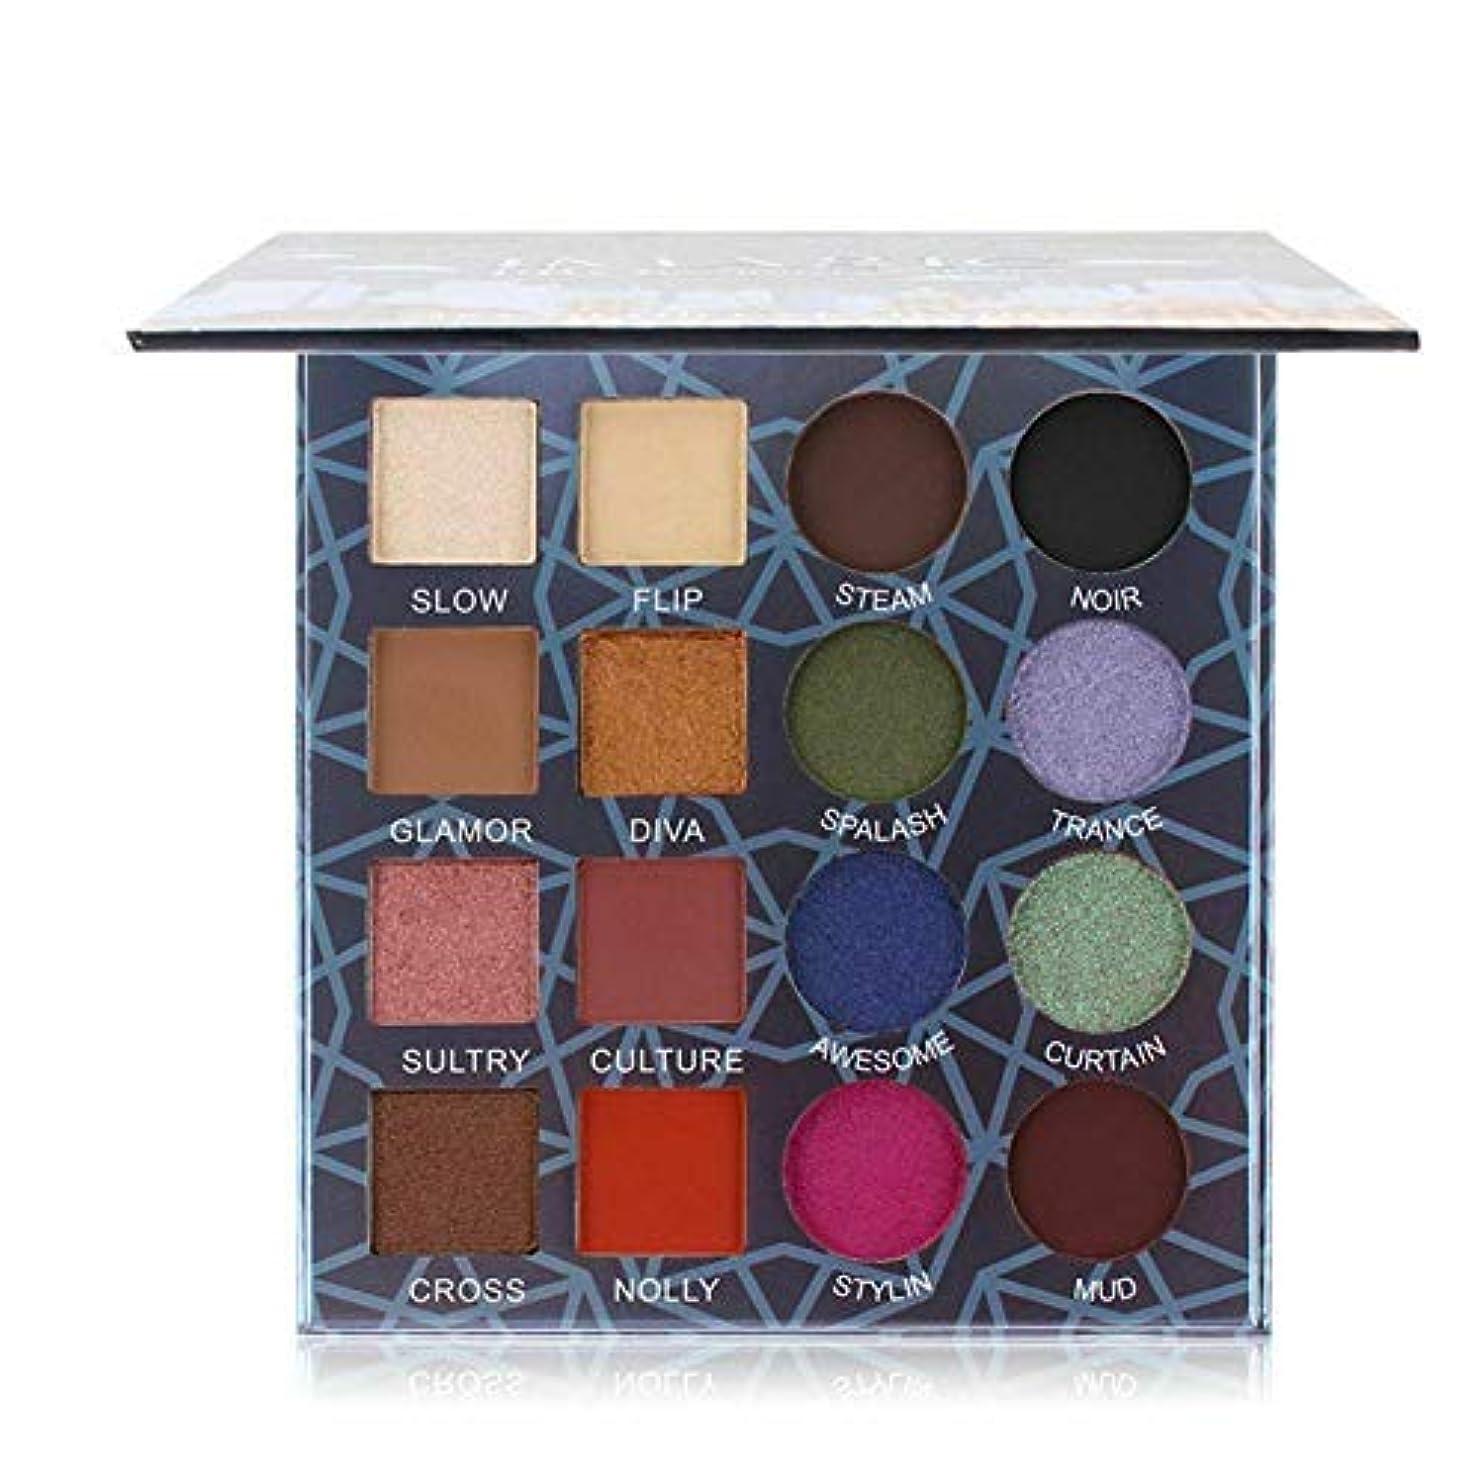 広々としたオープニング嫌悪BETTER YOU (ベター ュー) アイシャドウトレイ、真珠光沢、マット、ミックスアイシャドウトレイ、防水、汚れやすい、16色